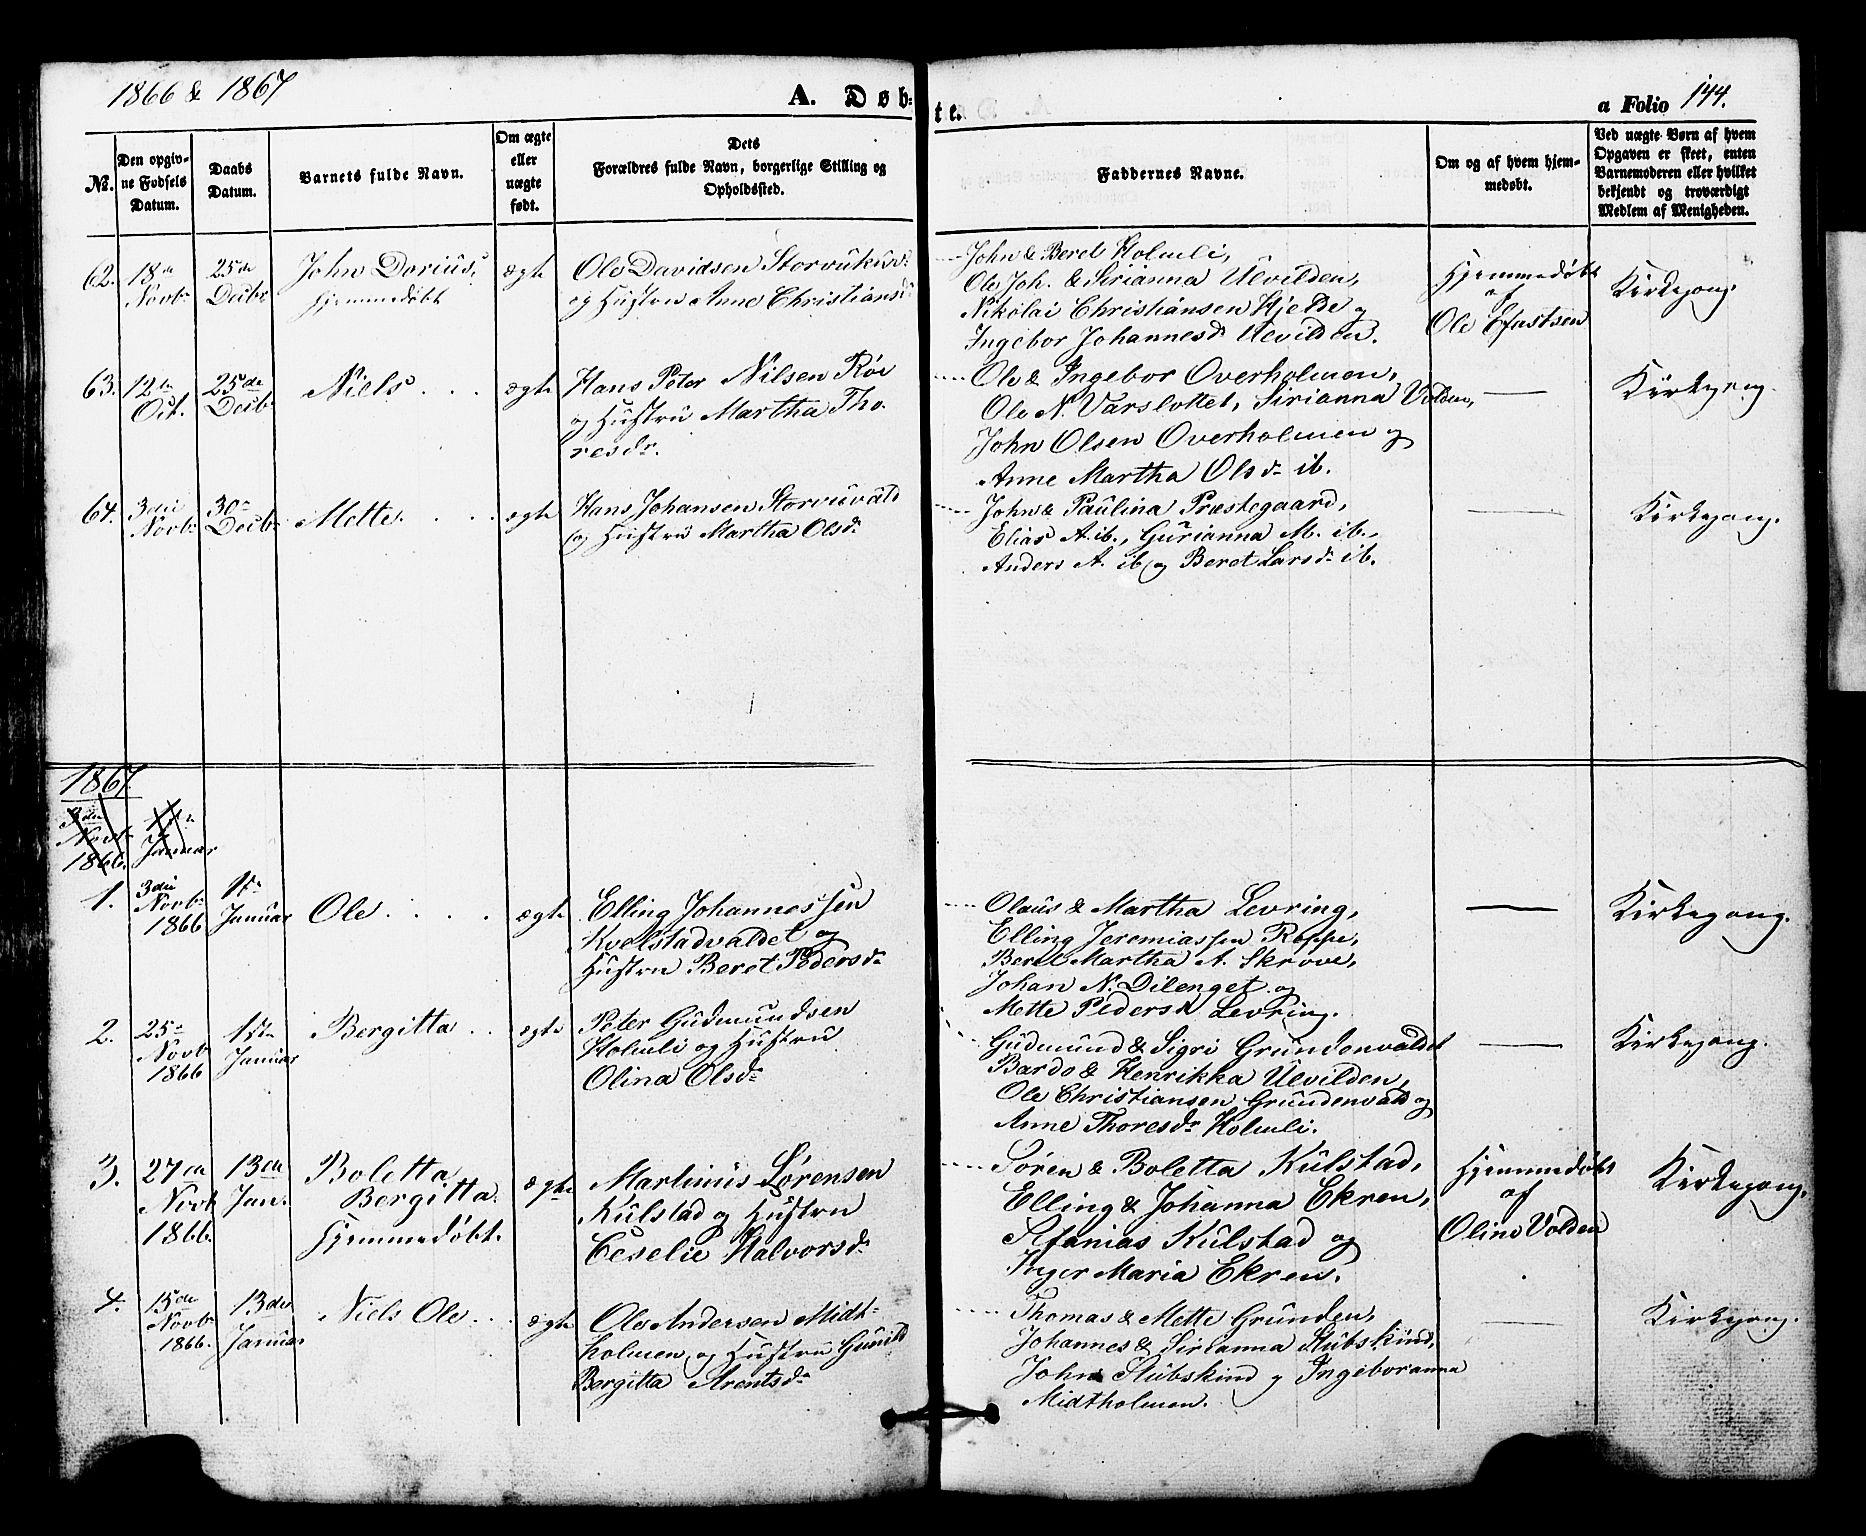 SAT, Ministerialprotokoller, klokkerbøker og fødselsregistre - Nord-Trøndelag, 724/L0268: Klokkerbok nr. 724C04, 1846-1878, s. 144